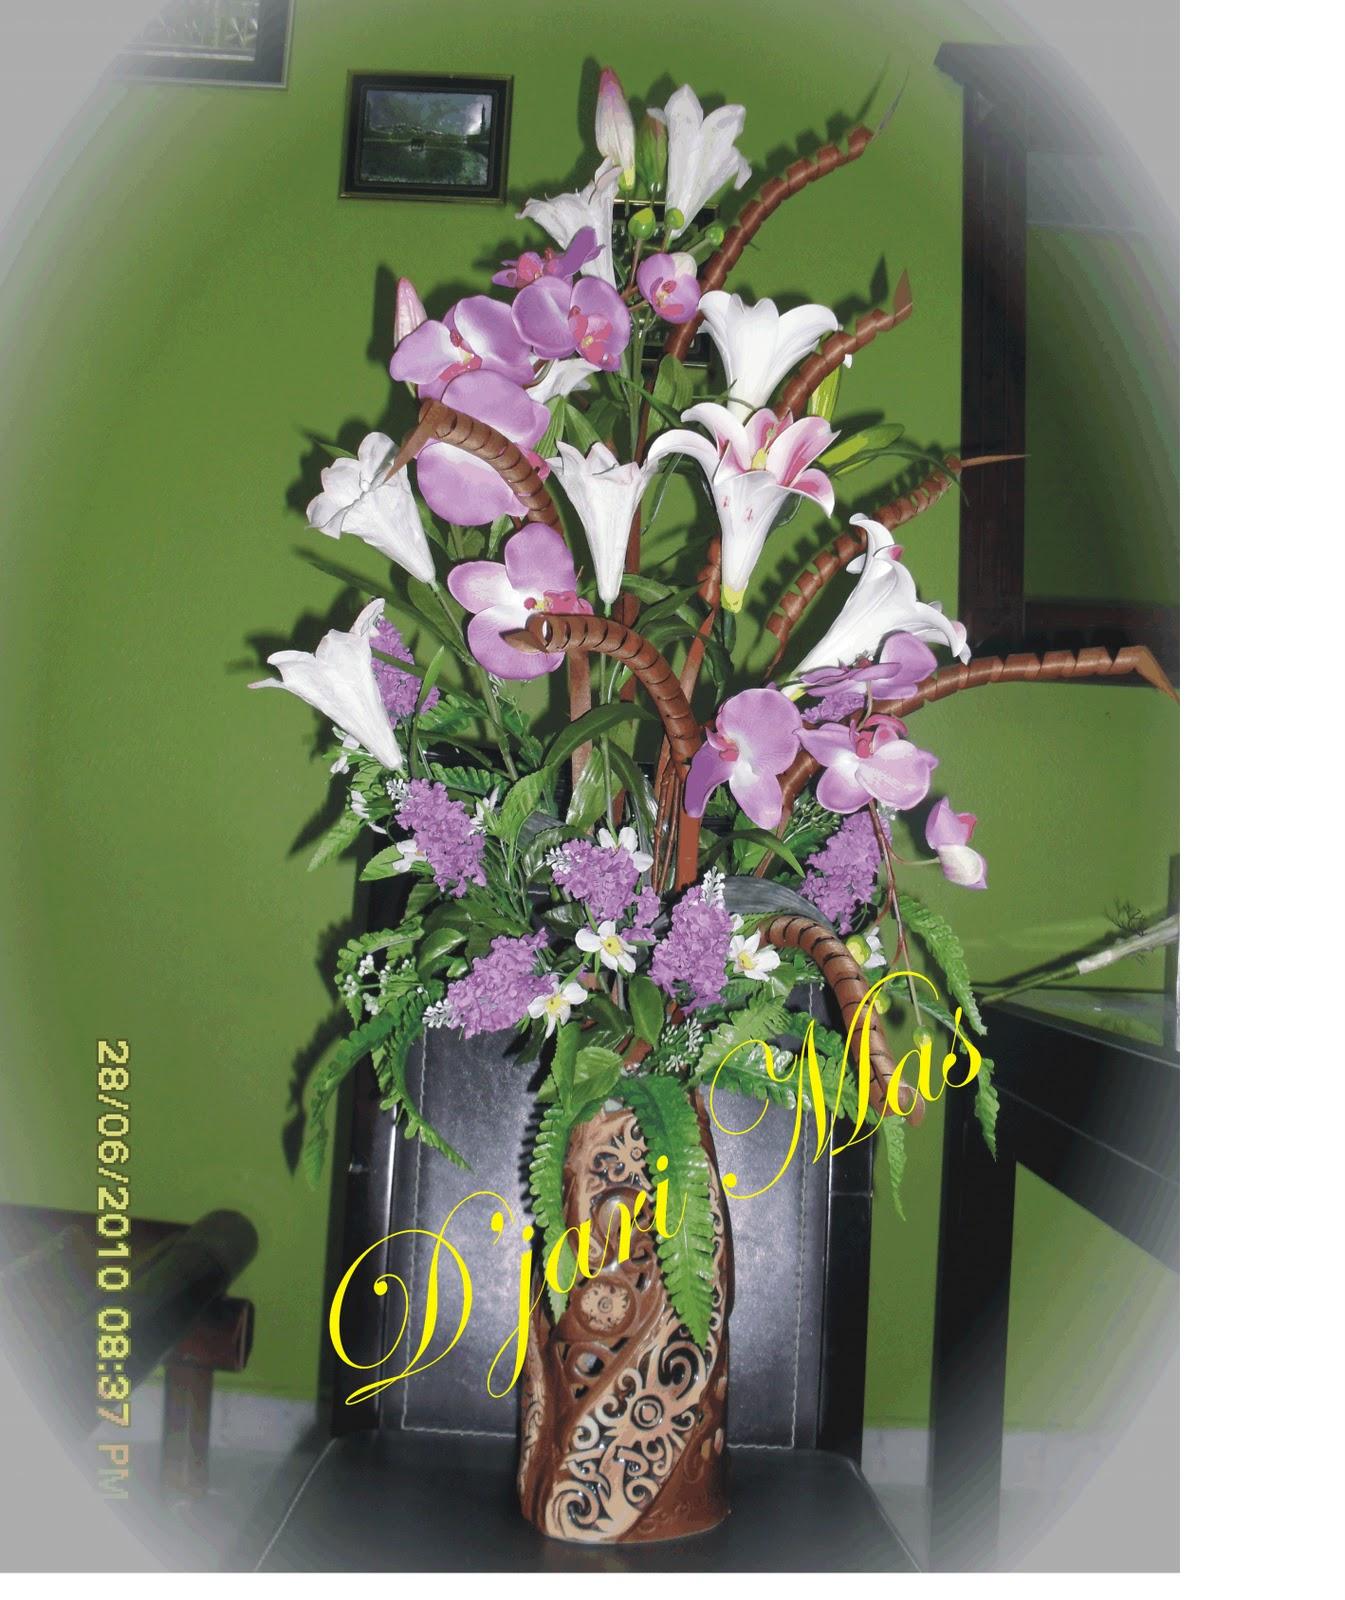 http://3.bp.blogspot.com/_RXp2kG9qD78/TTUtzoGLzJI/AAAAAAAAAA4/xwrt72QF4Qw/s1600/d%20jari%206.jpg